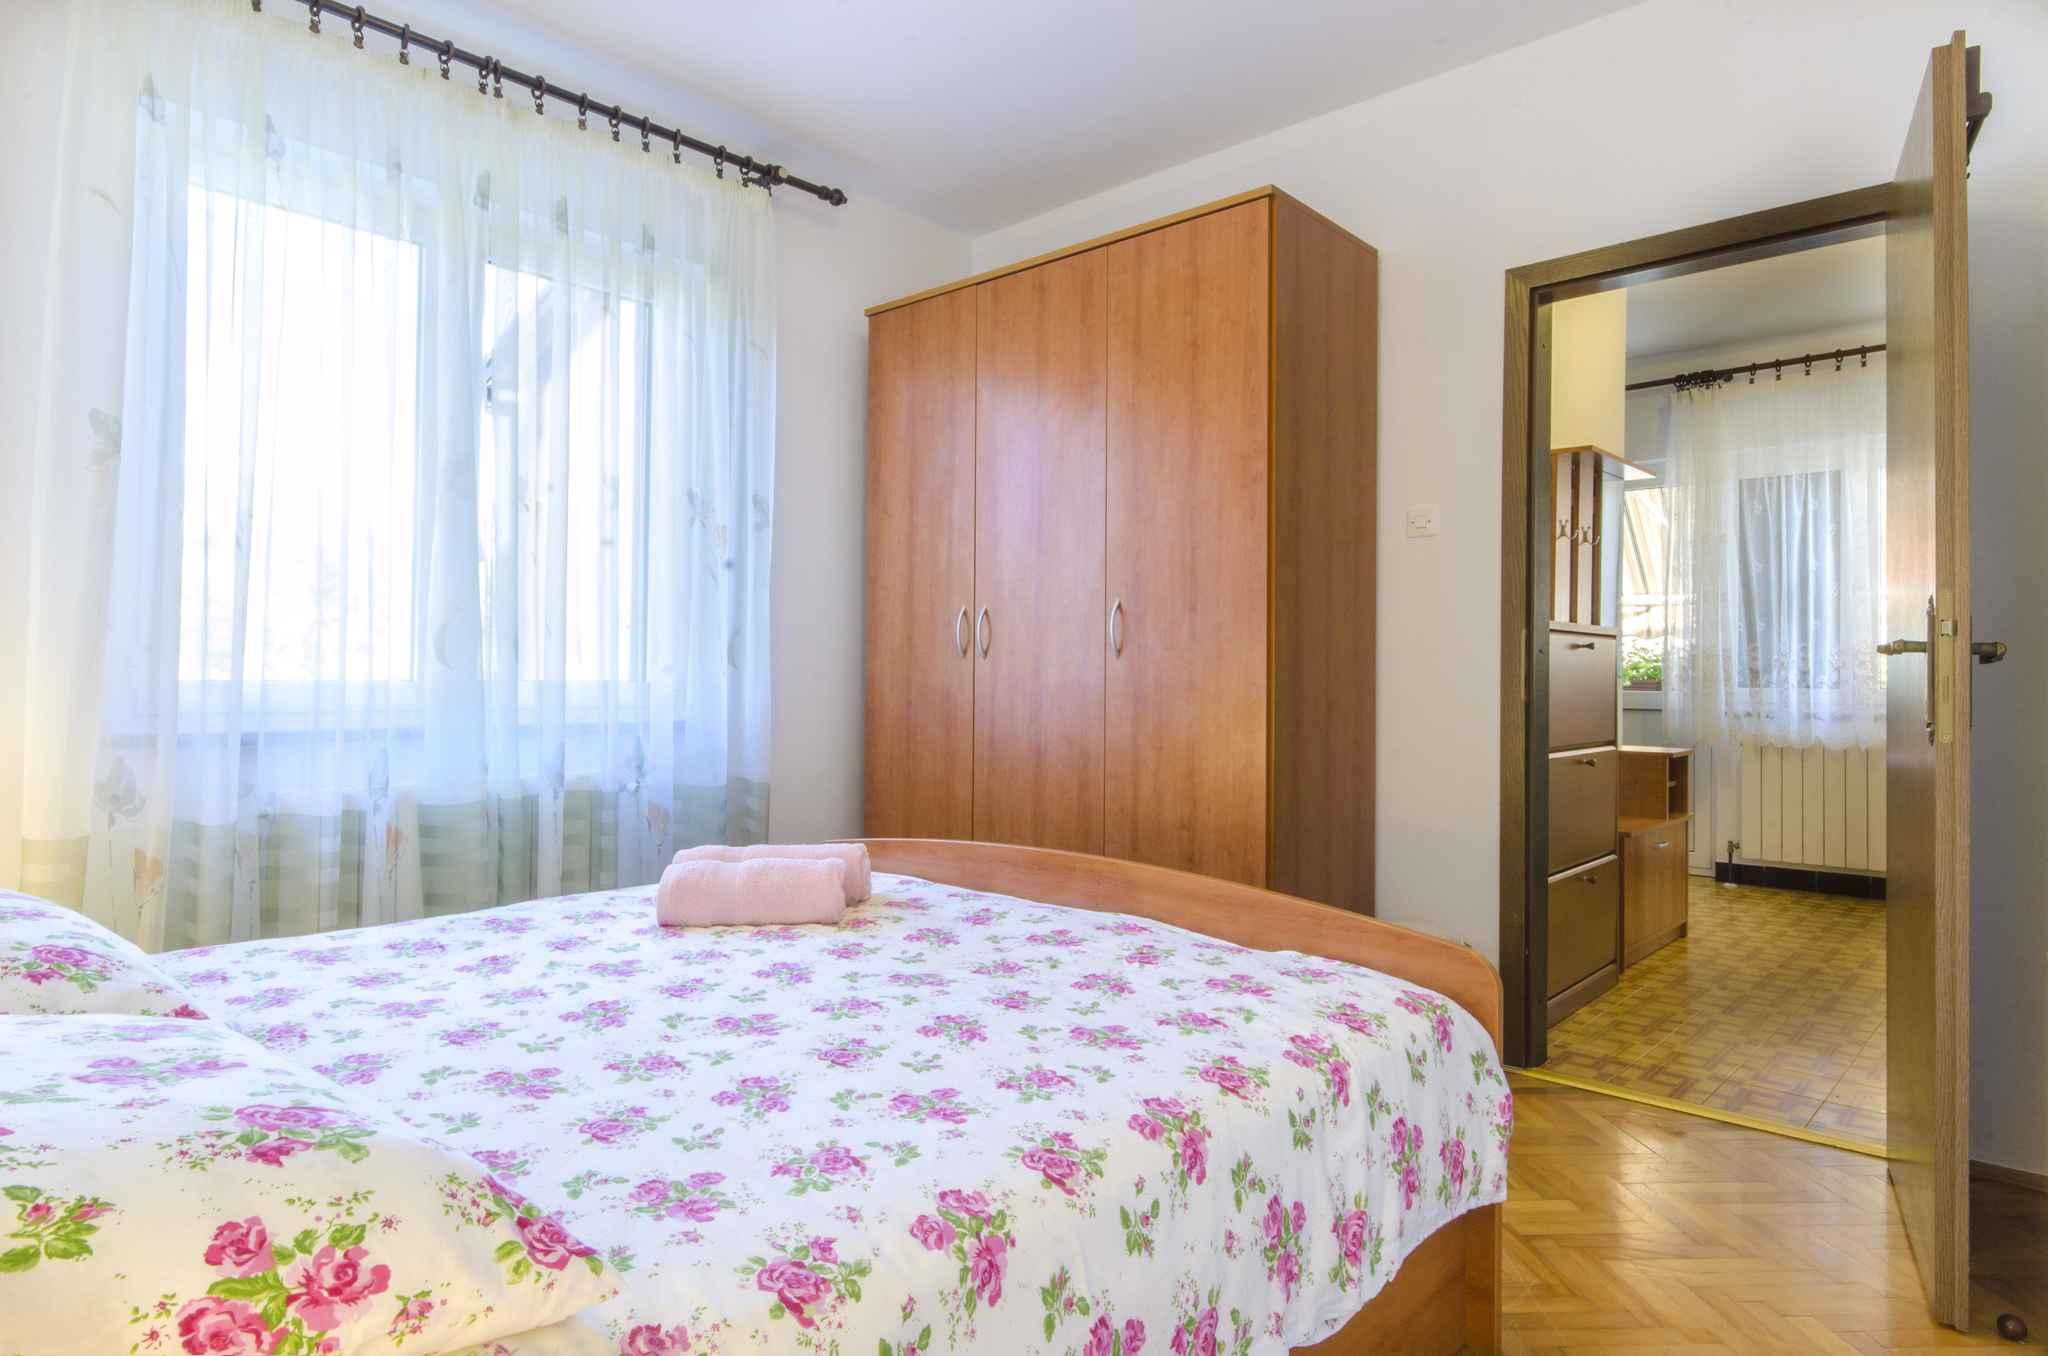 Ferienwohnung mit Stadtblick (281028), Rovinj, , Istrien, Kroatien, Bild 15